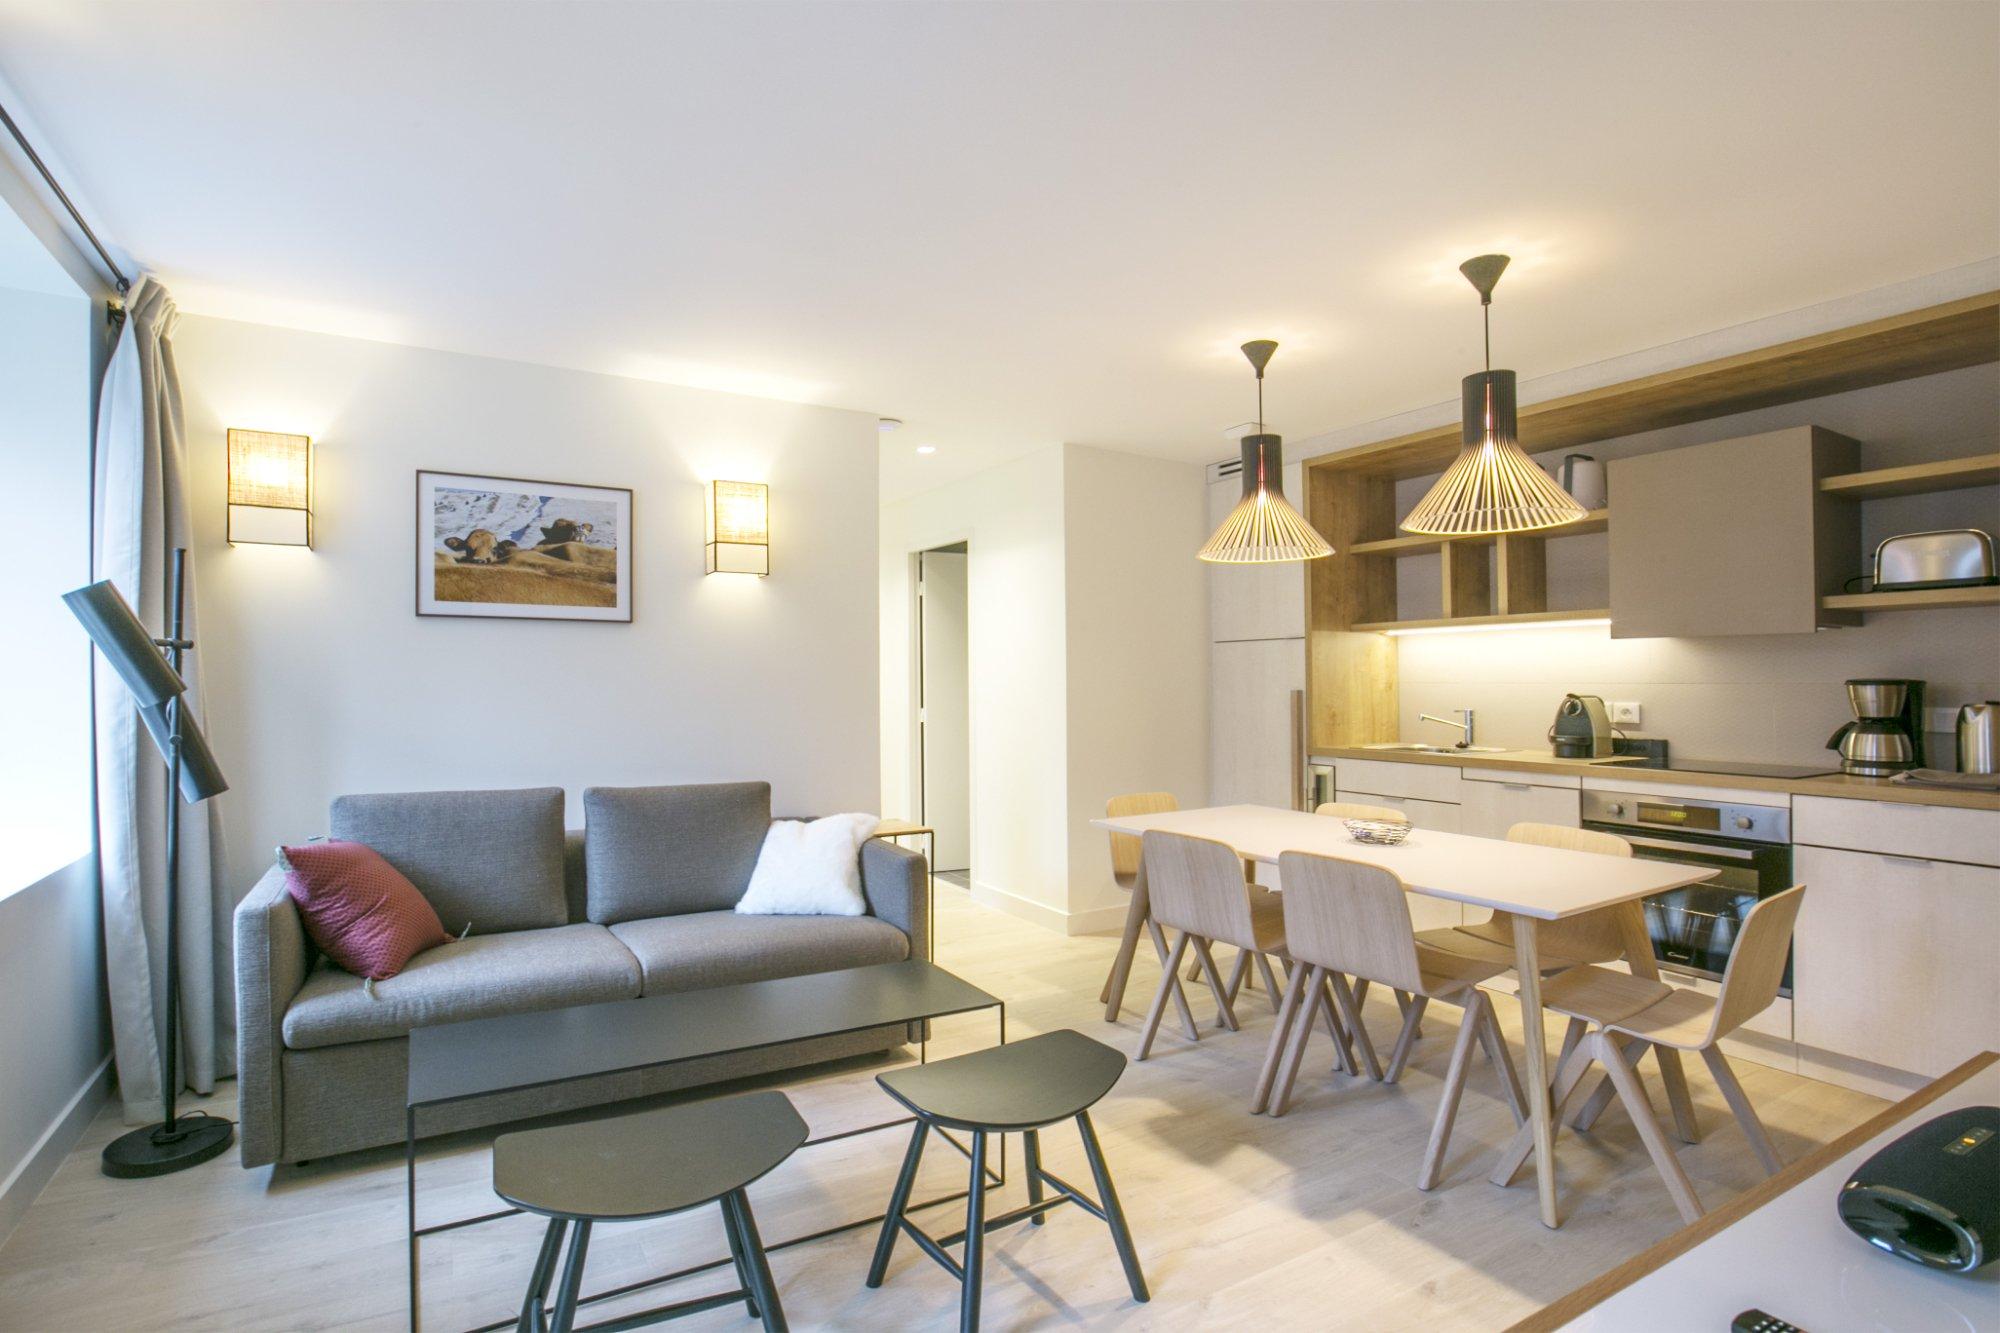 Appart'hotel Le Genepy